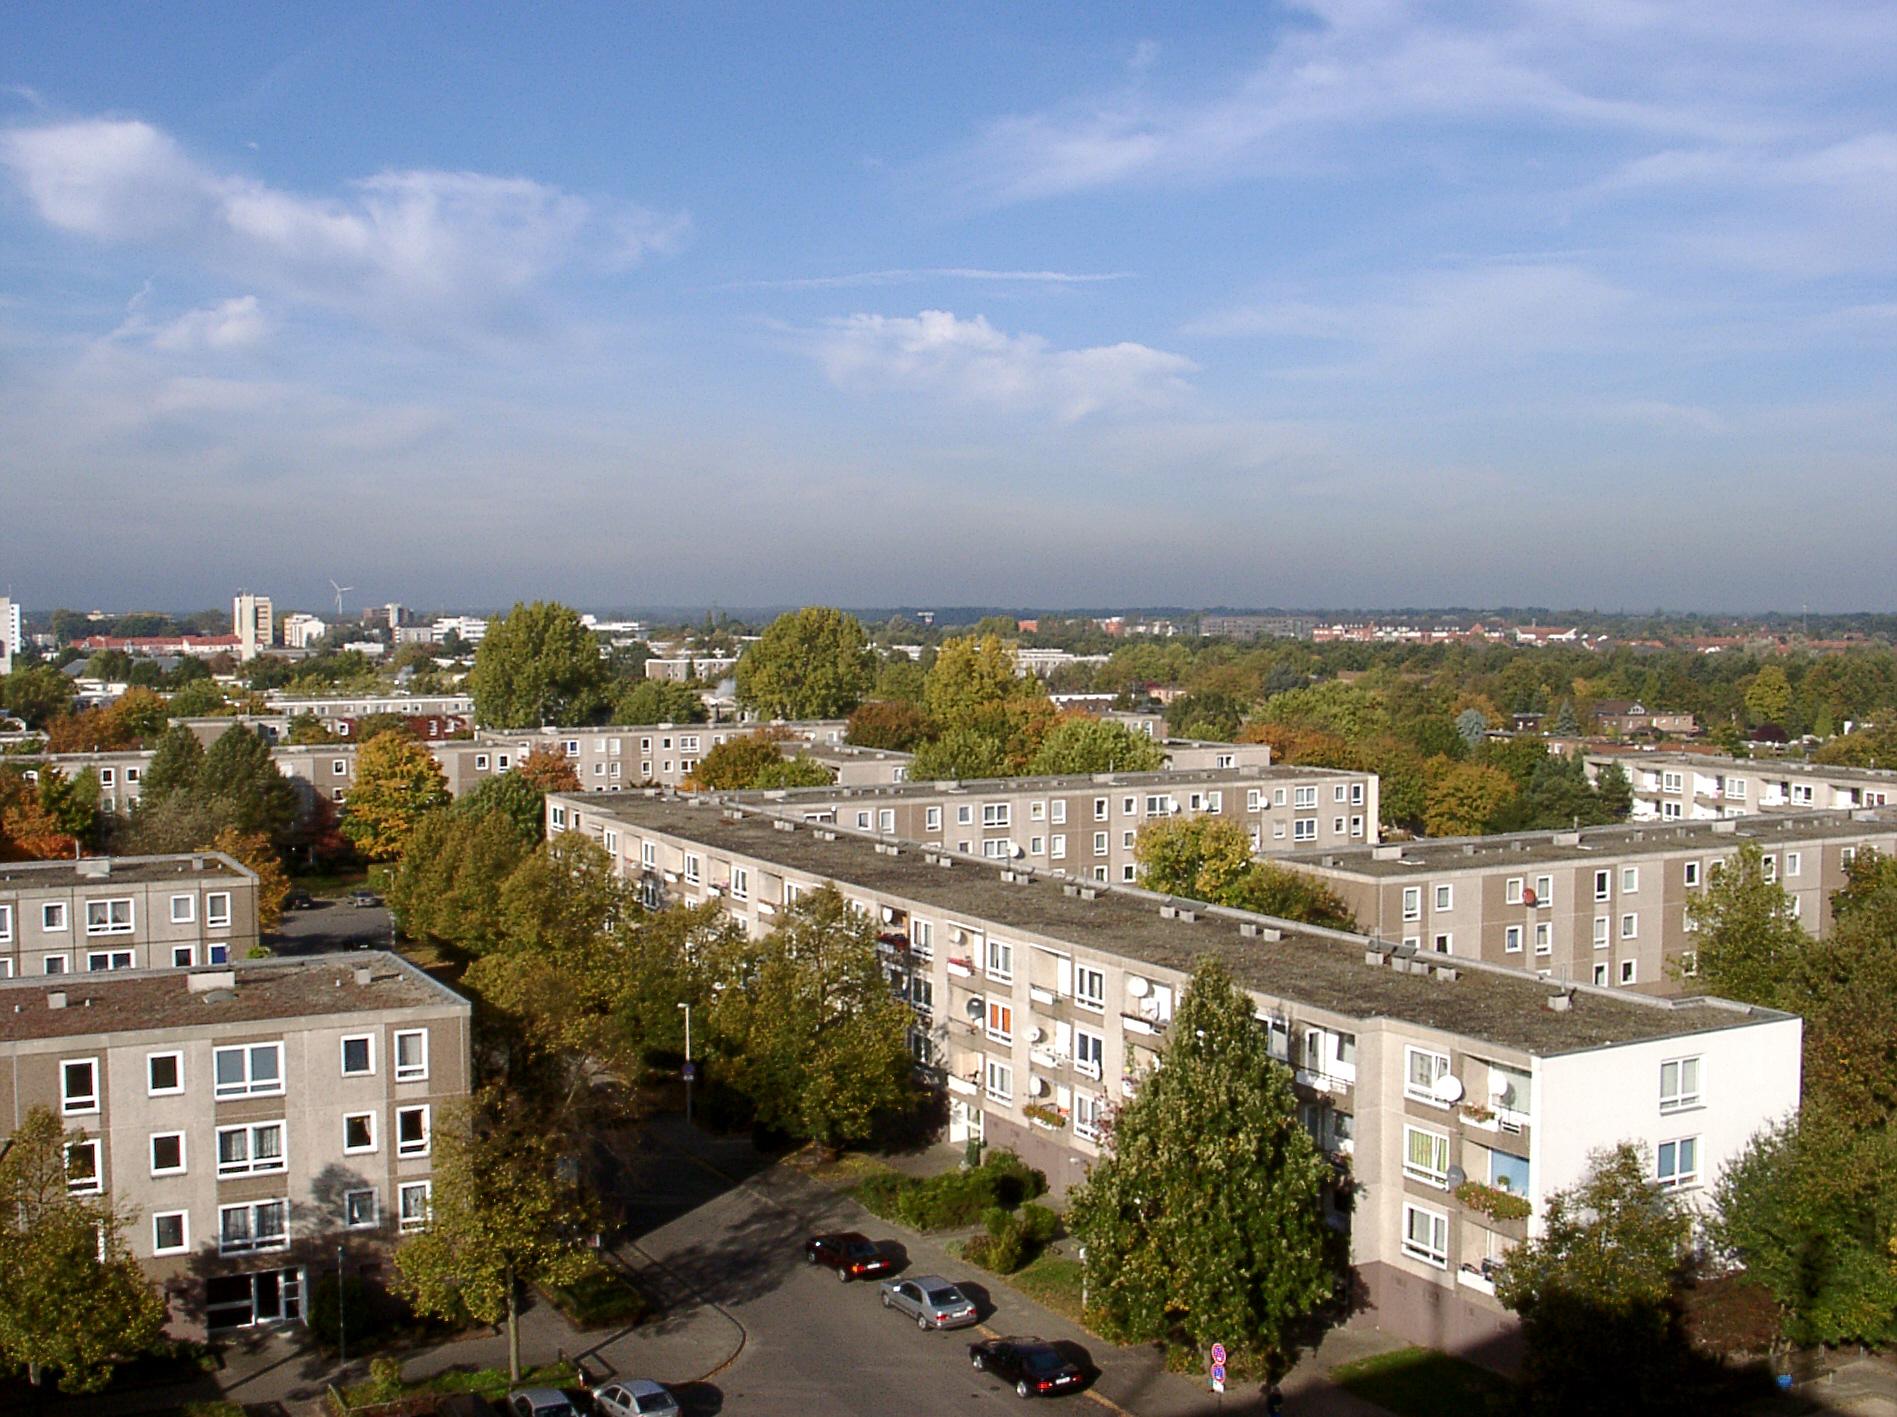 Alemanha  10190047_-_Garbsen_-_Auf_der_Horst_-_B%C3%A4renhof_-_2005